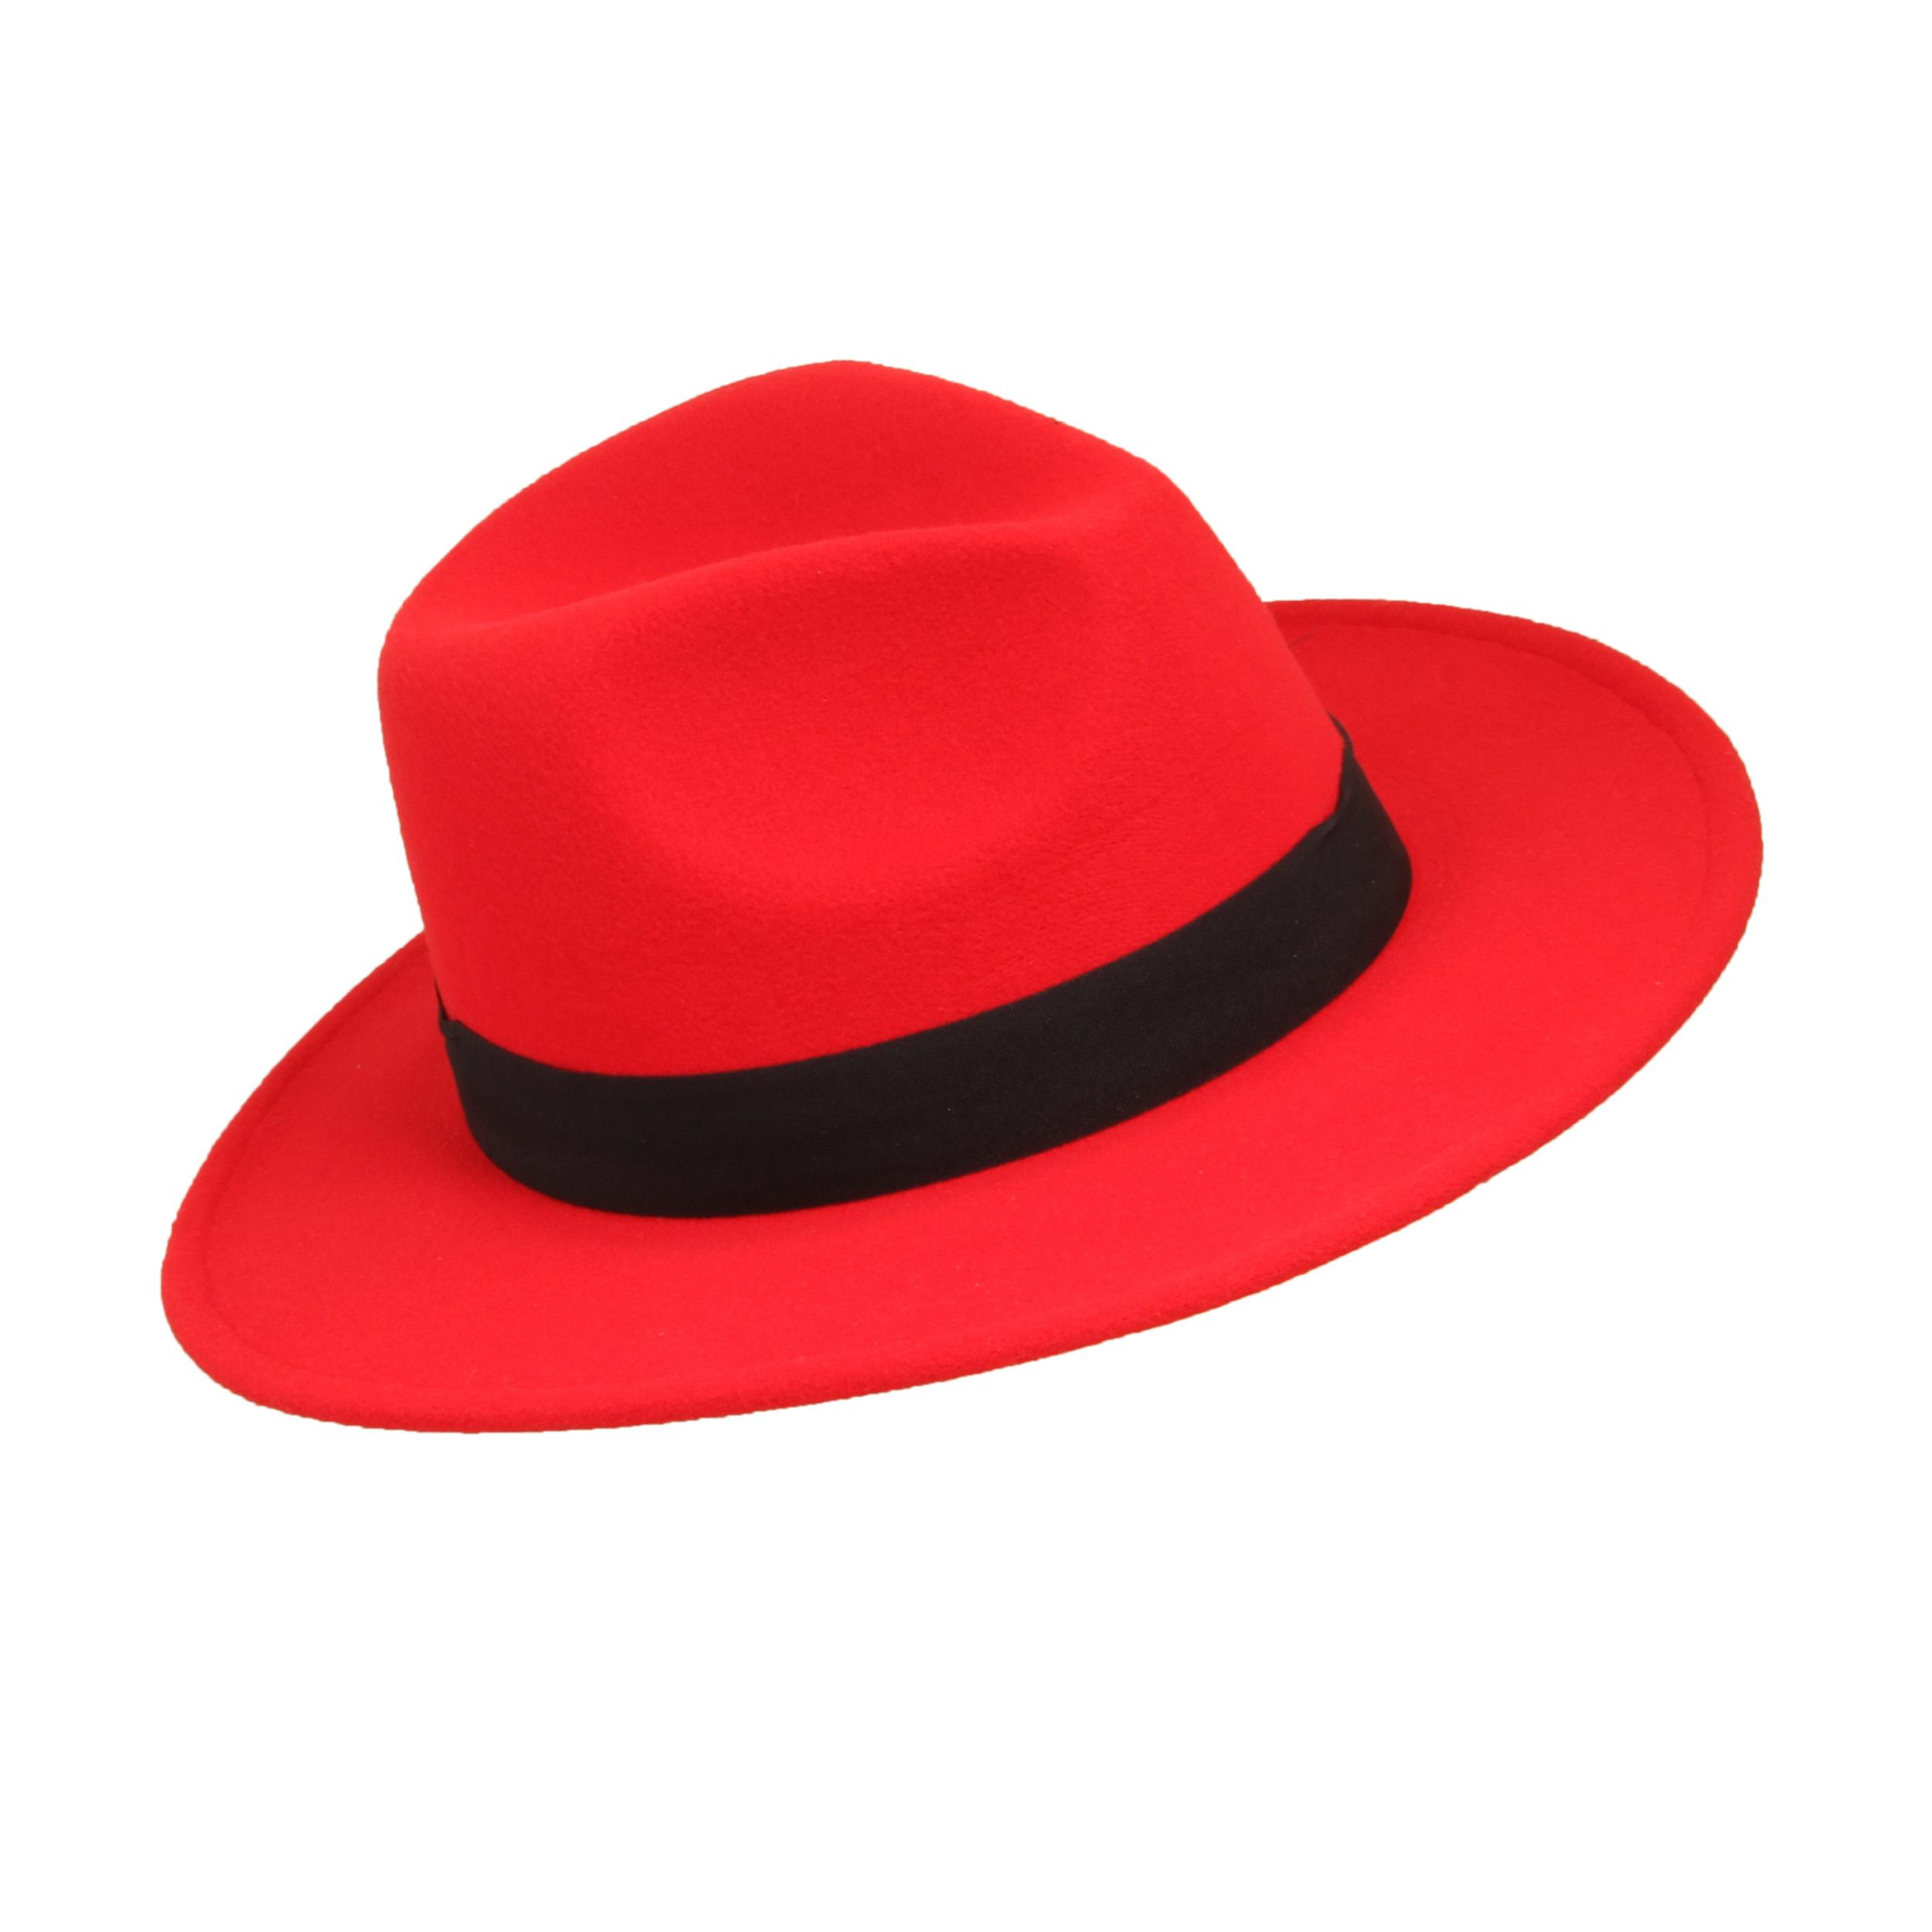 کلاه شاپو مدل 3595